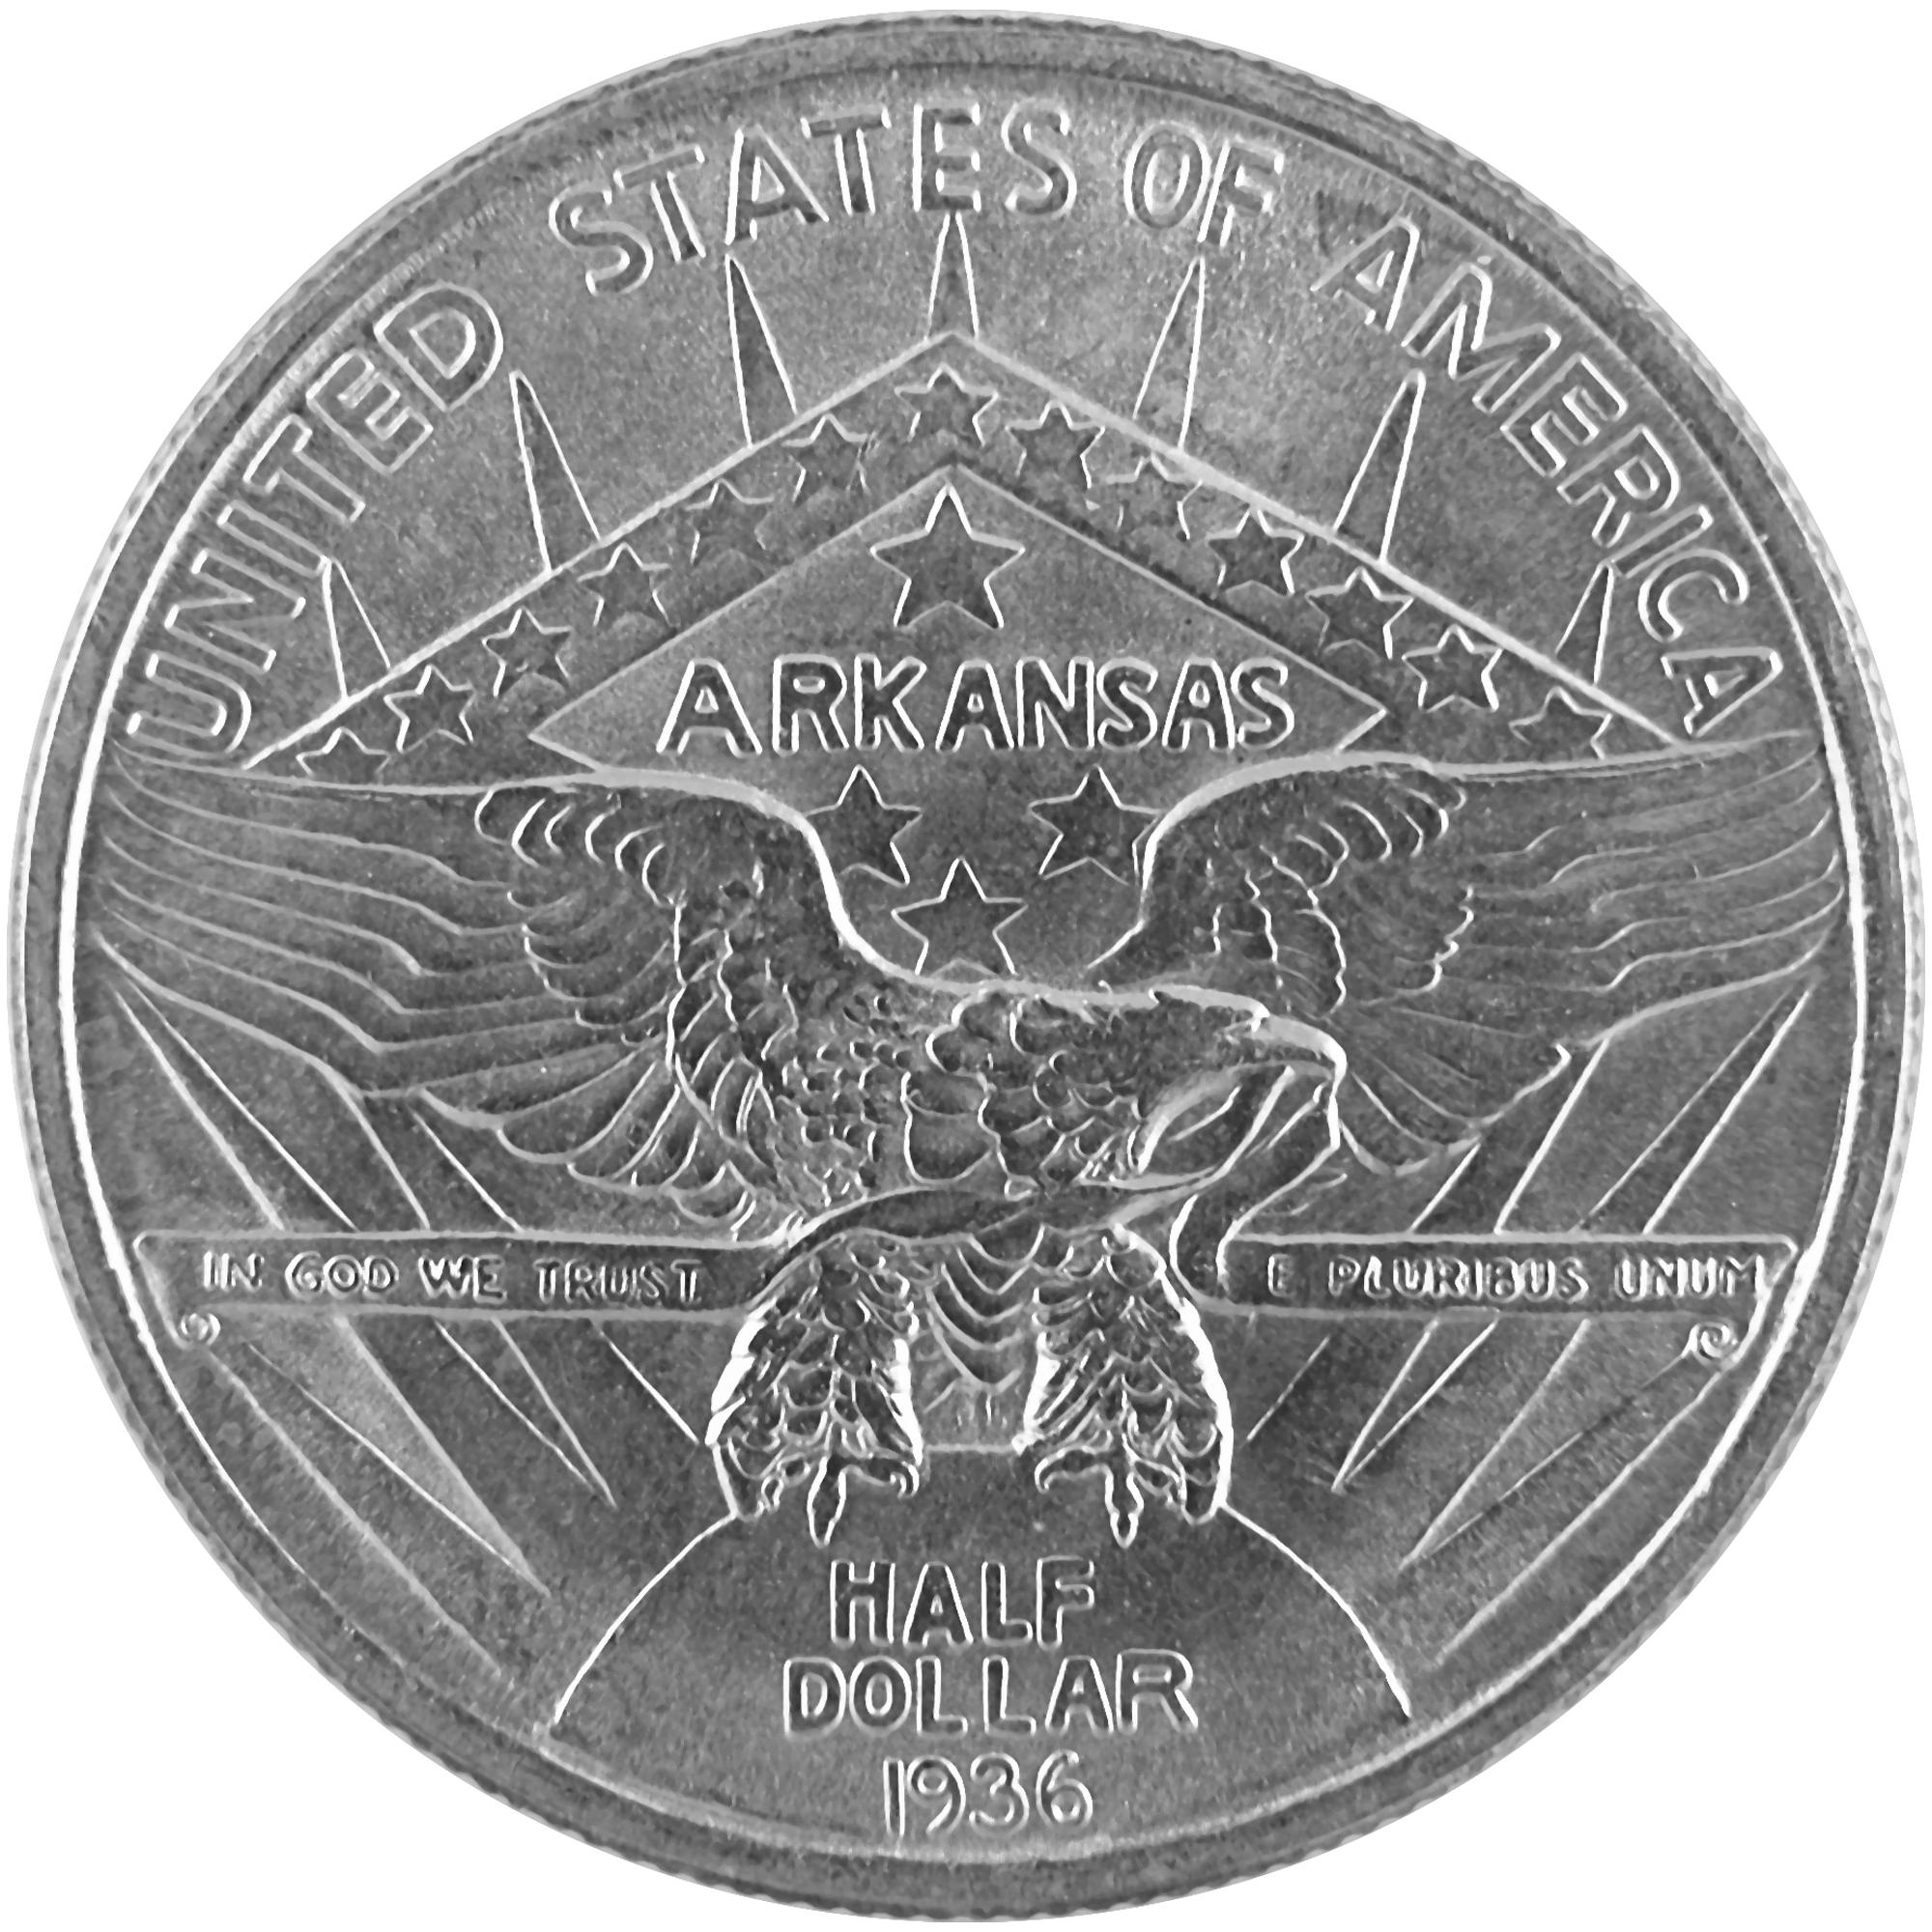 1936 Arkansas Centennial Joseph T. Robinson Commemorative Silver Half Dollar Coin Obverse